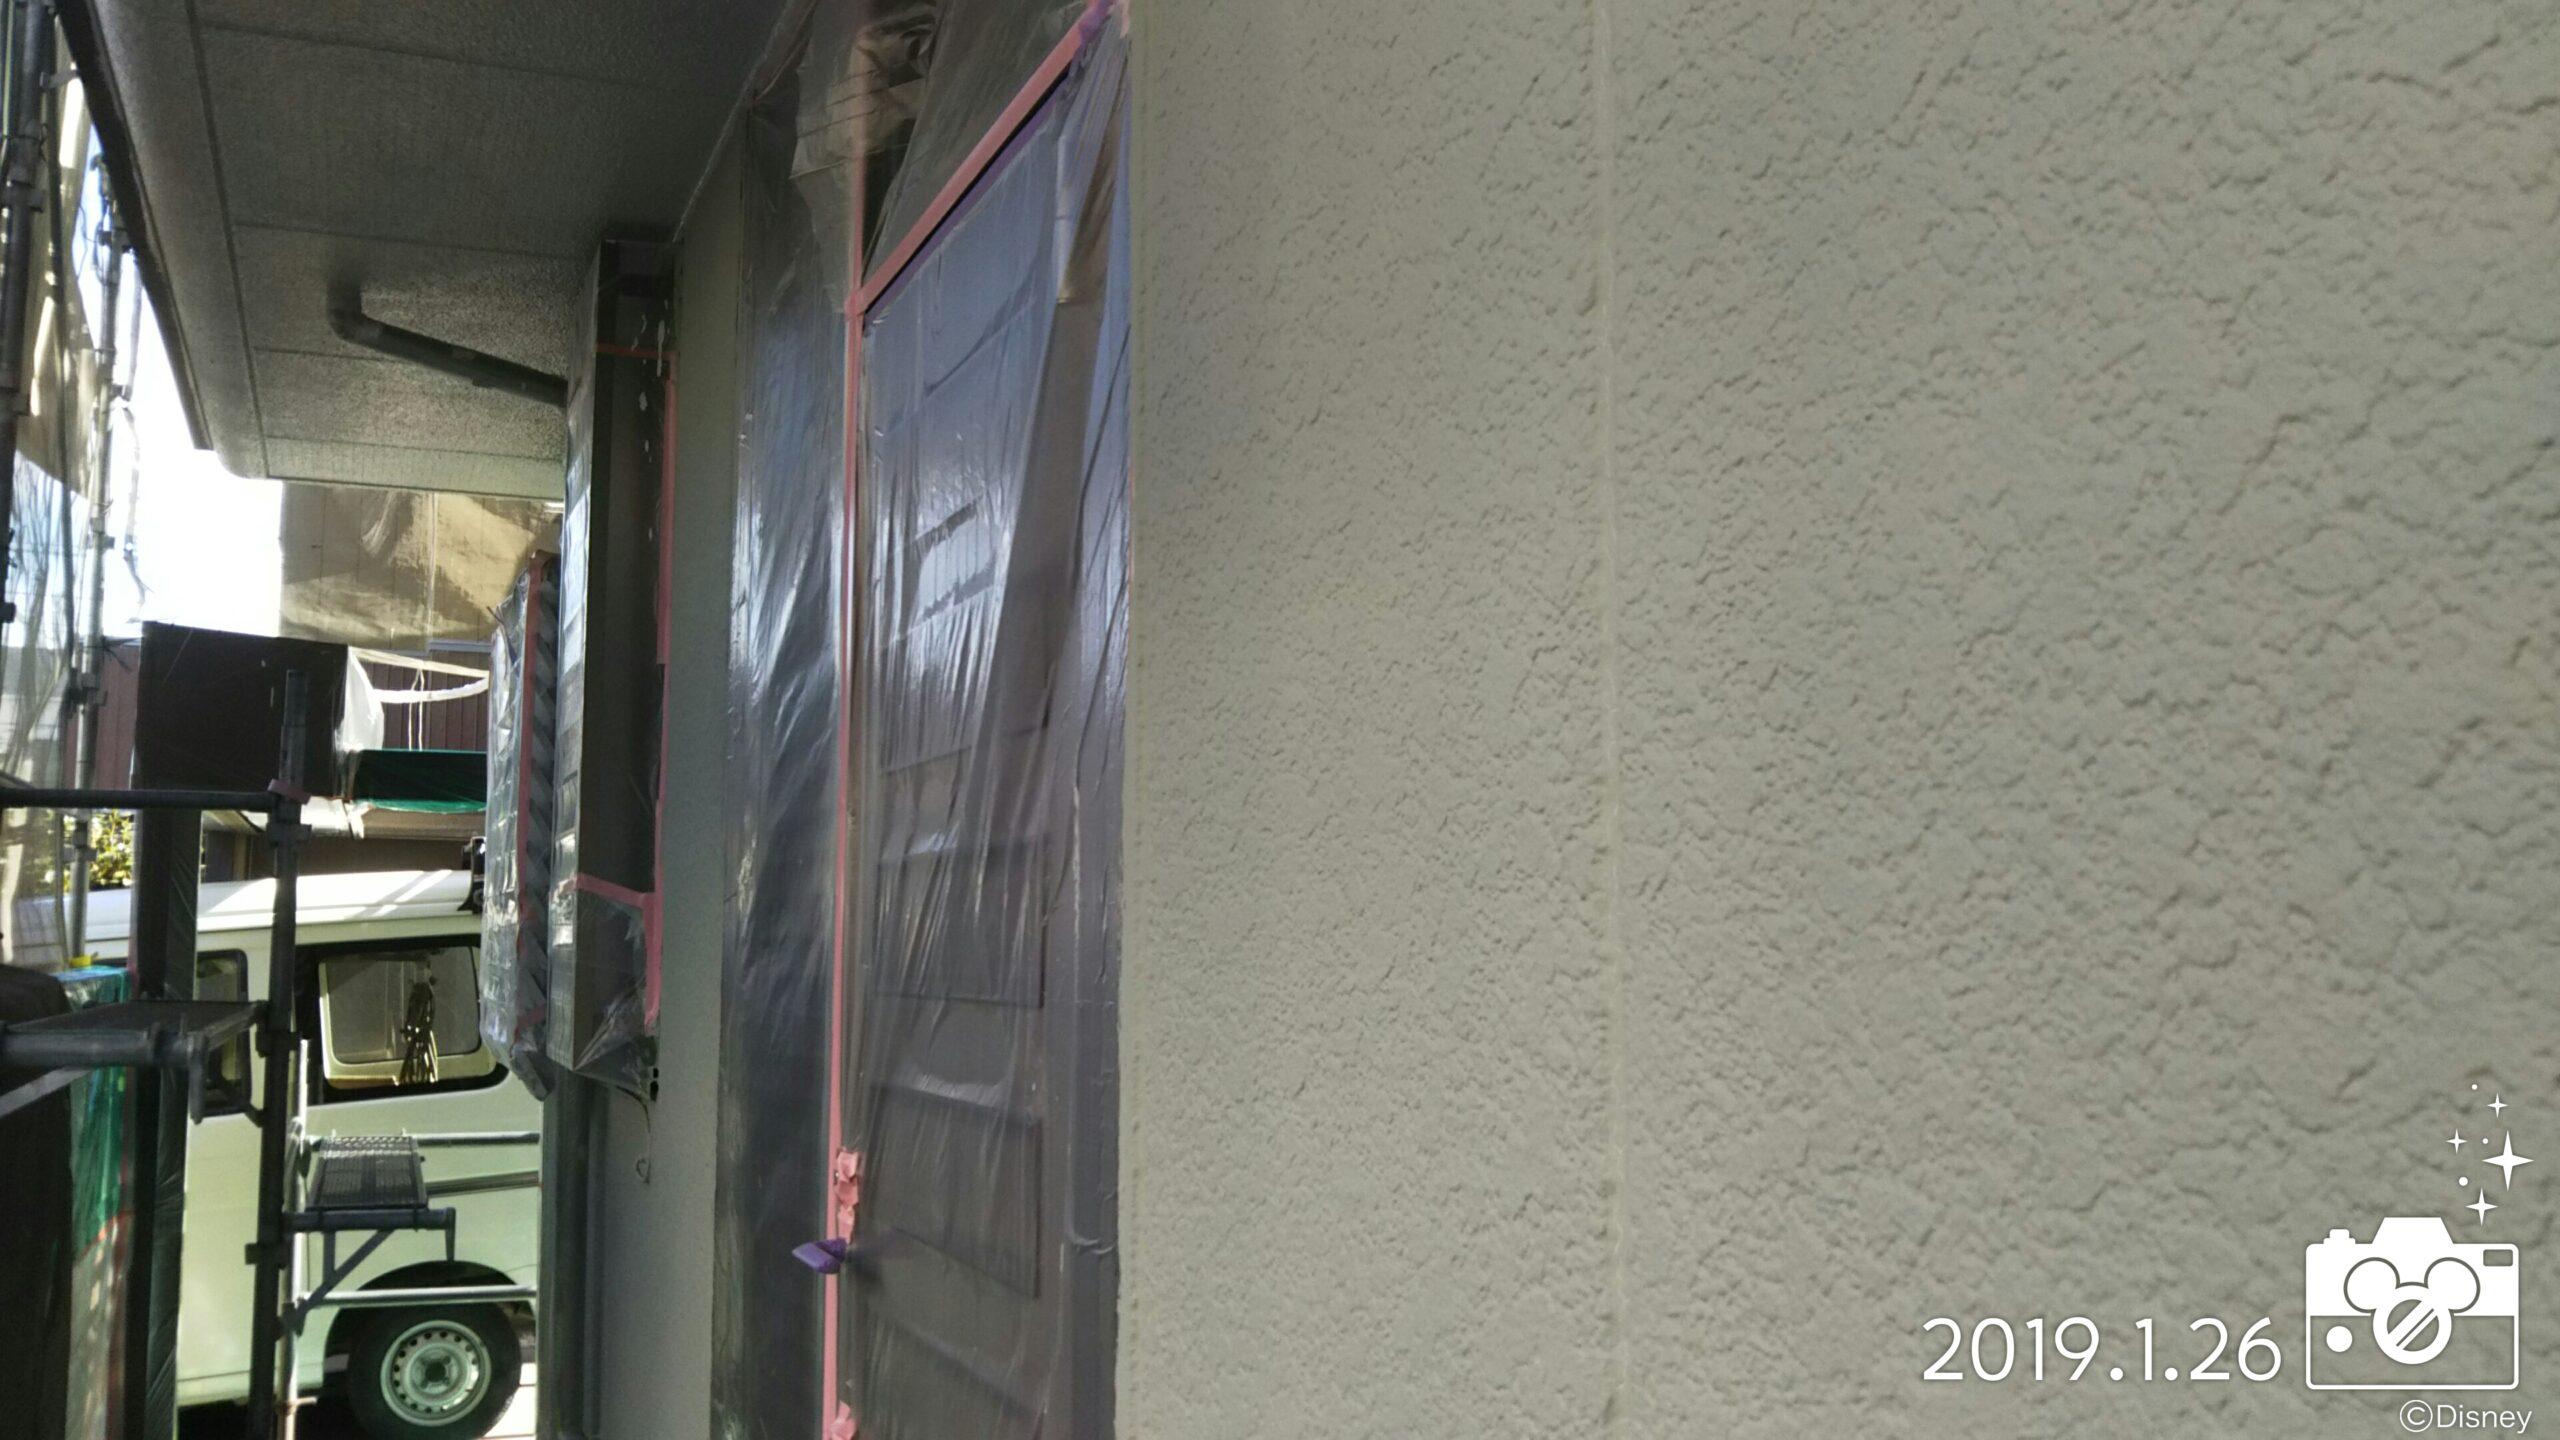 埼玉県さいたま市中央区のT様邸(木造2階建て)にて塗り替えリフォーム中 外壁の下塗りと破風の塗装工事|